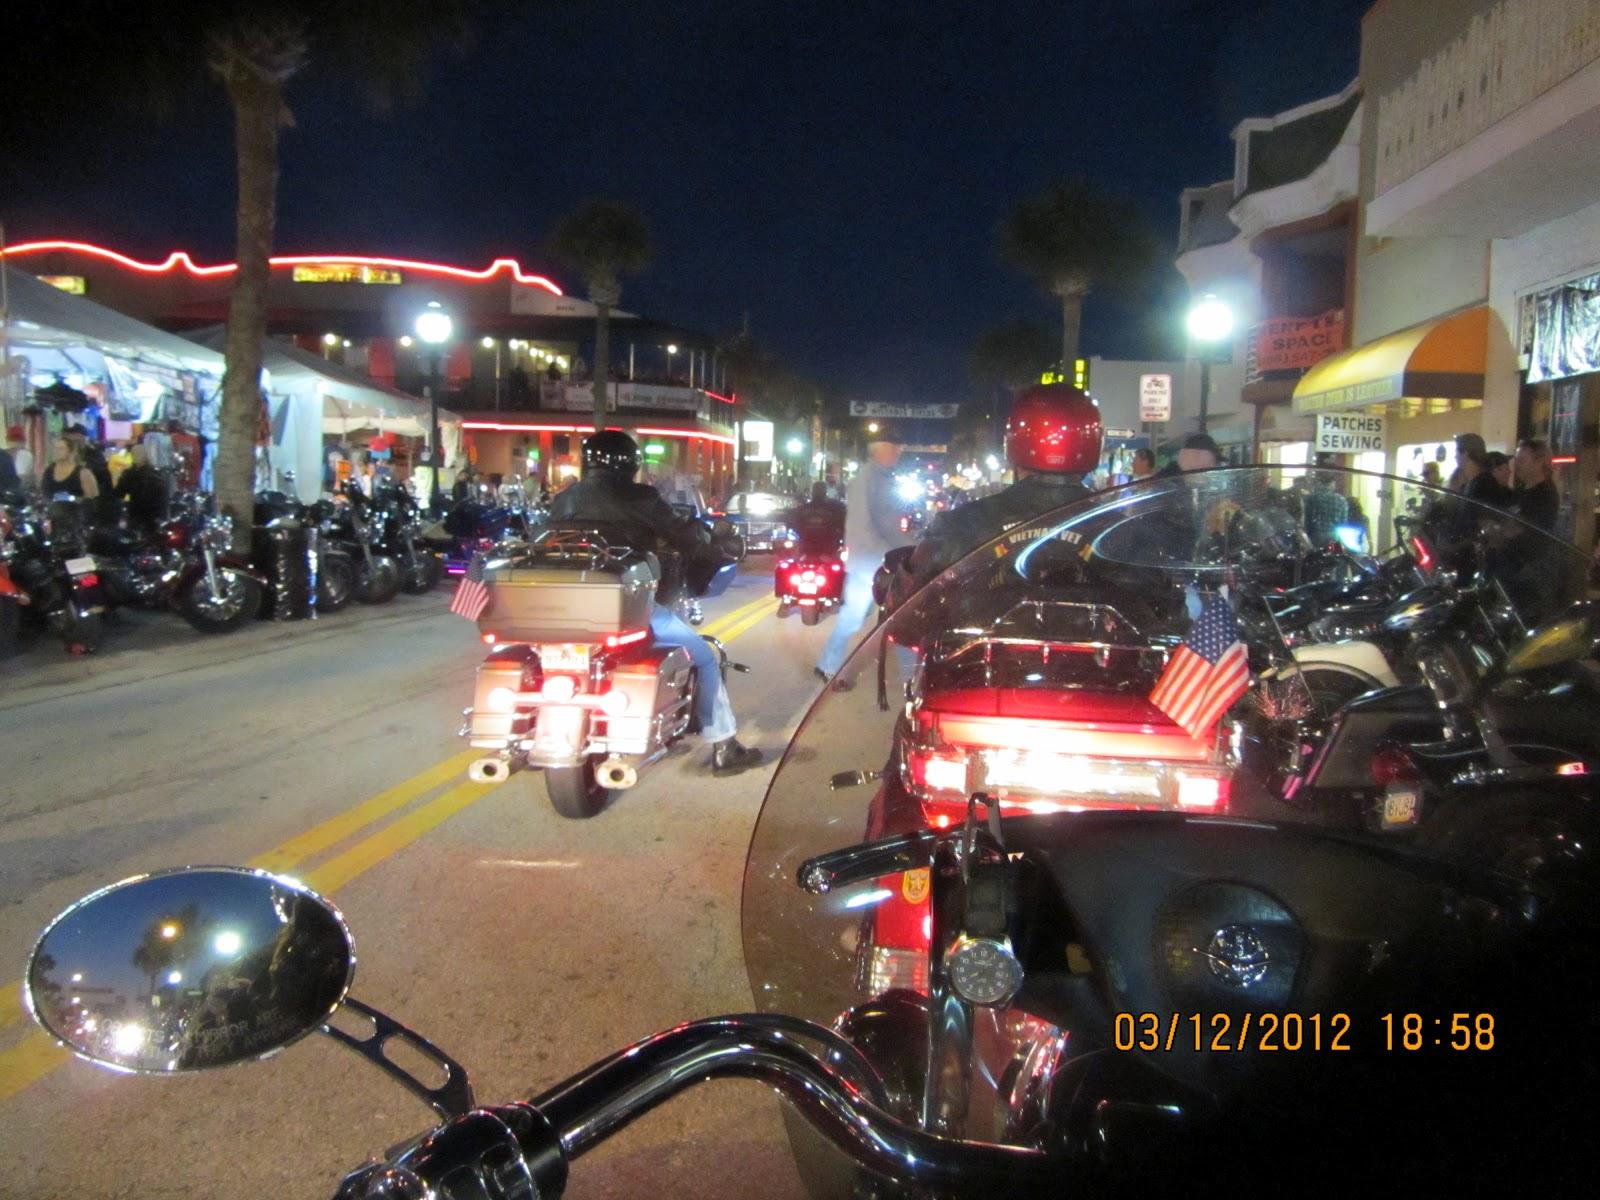 Long time tradition at bike week cruising main street